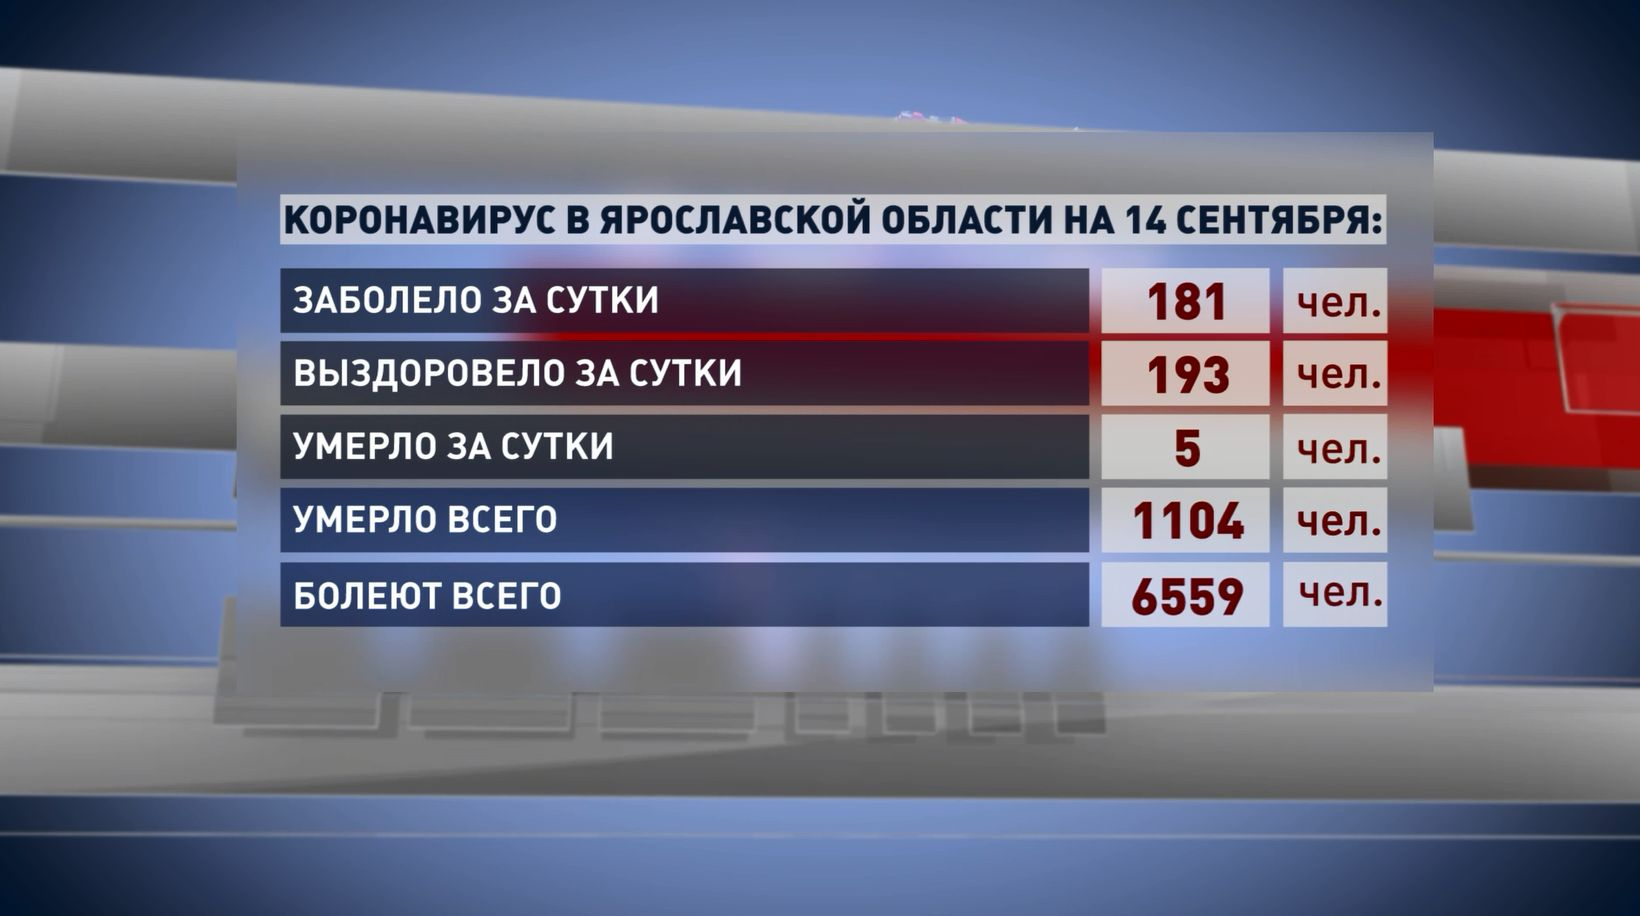 В Ярославской области коронавирусом болеют чуть более 6,5 тысяч человек